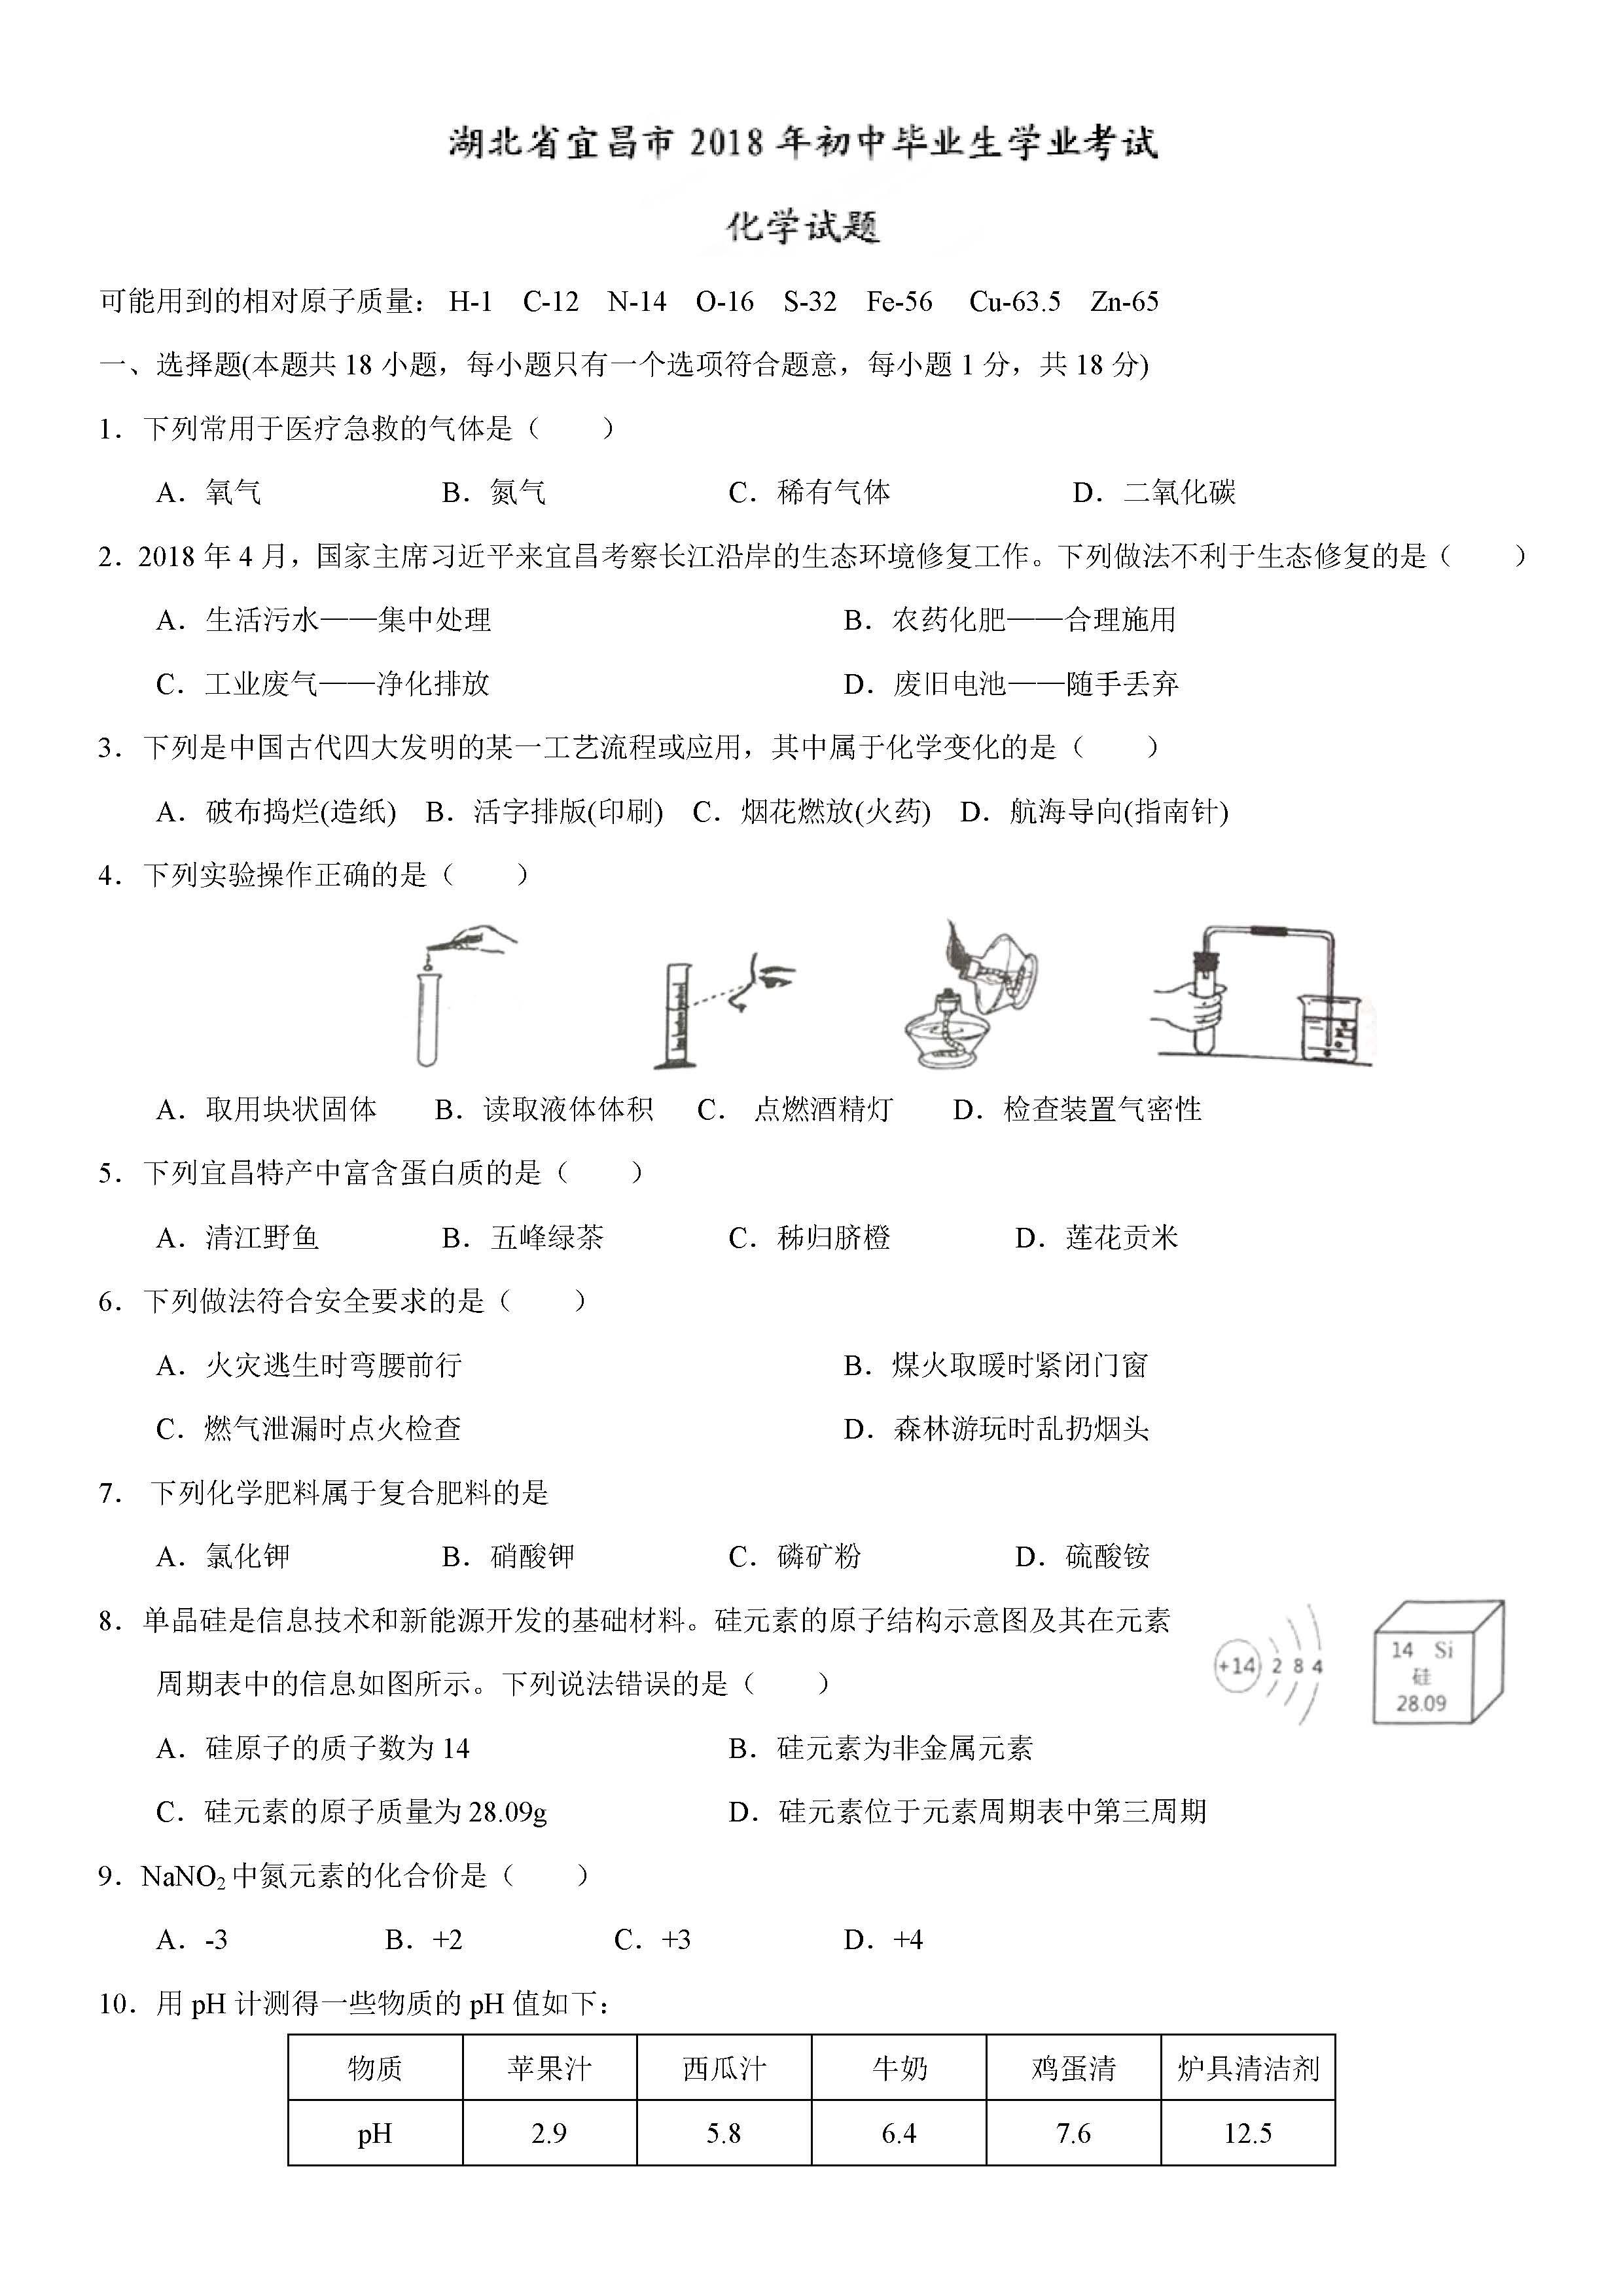 2018宜昌中考化学试题及答案解析(图片版含答案)